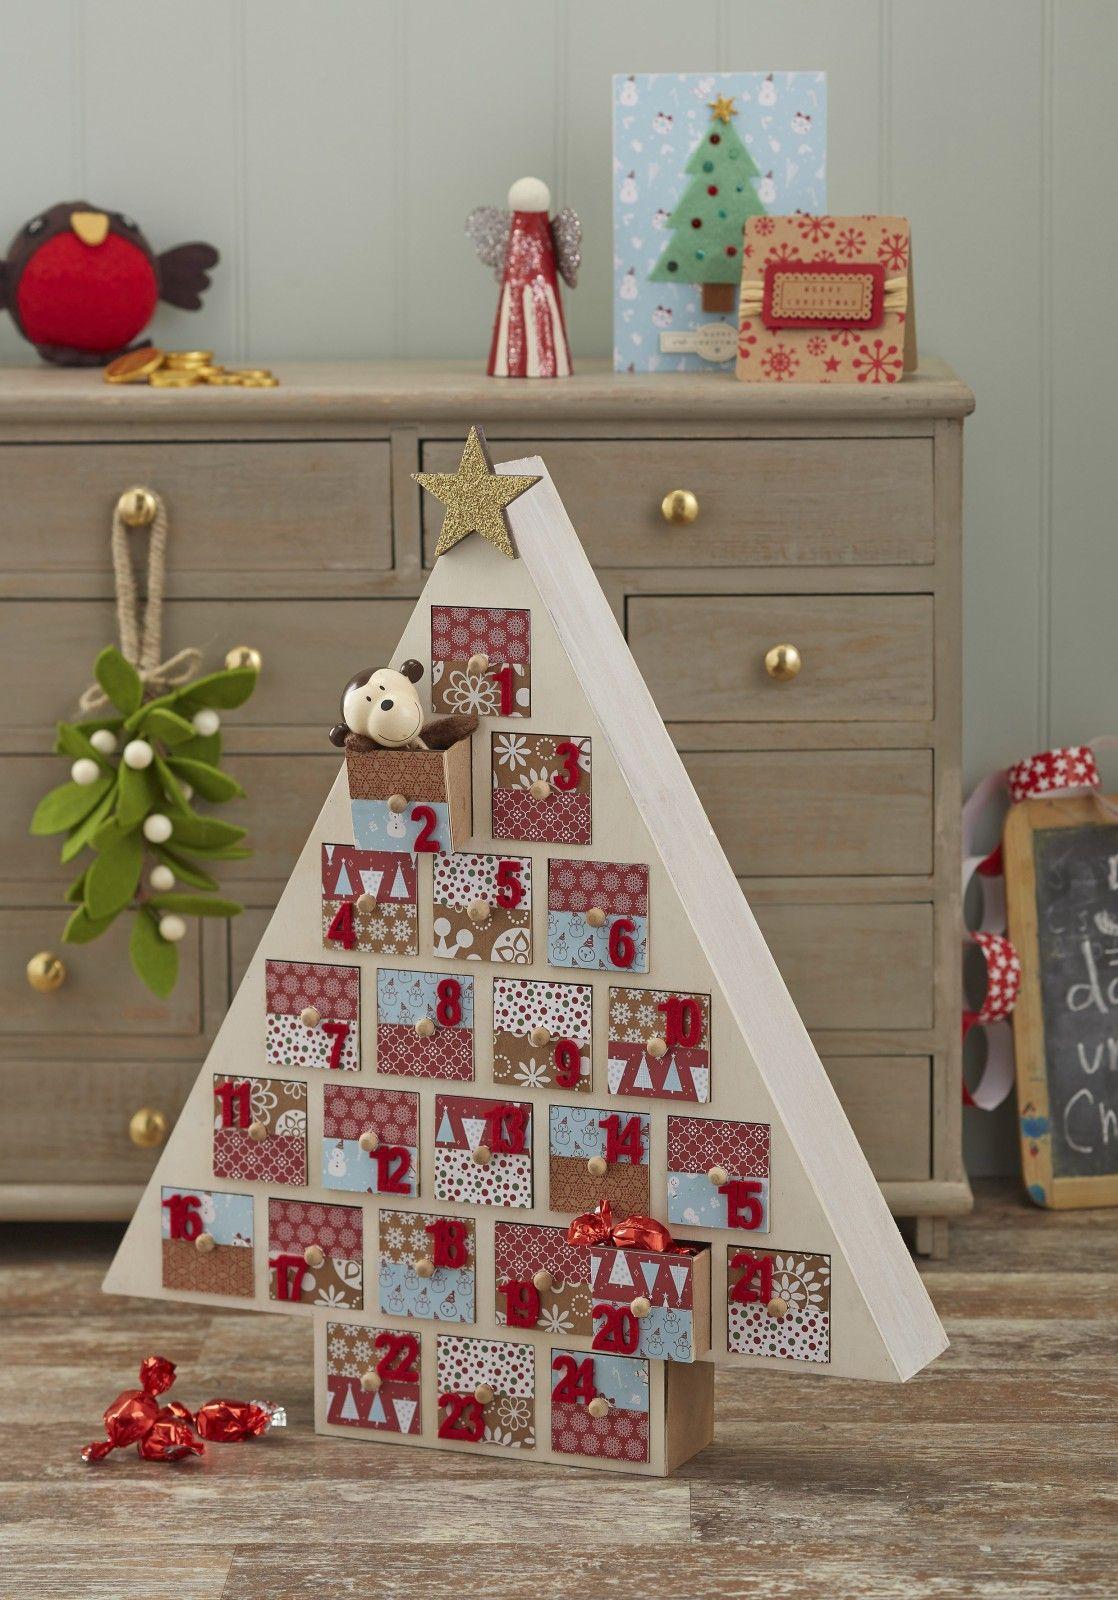 How to Make a Tree Advent Calendar   Homemade advent calendars, Diy advent calendar, Advent ...